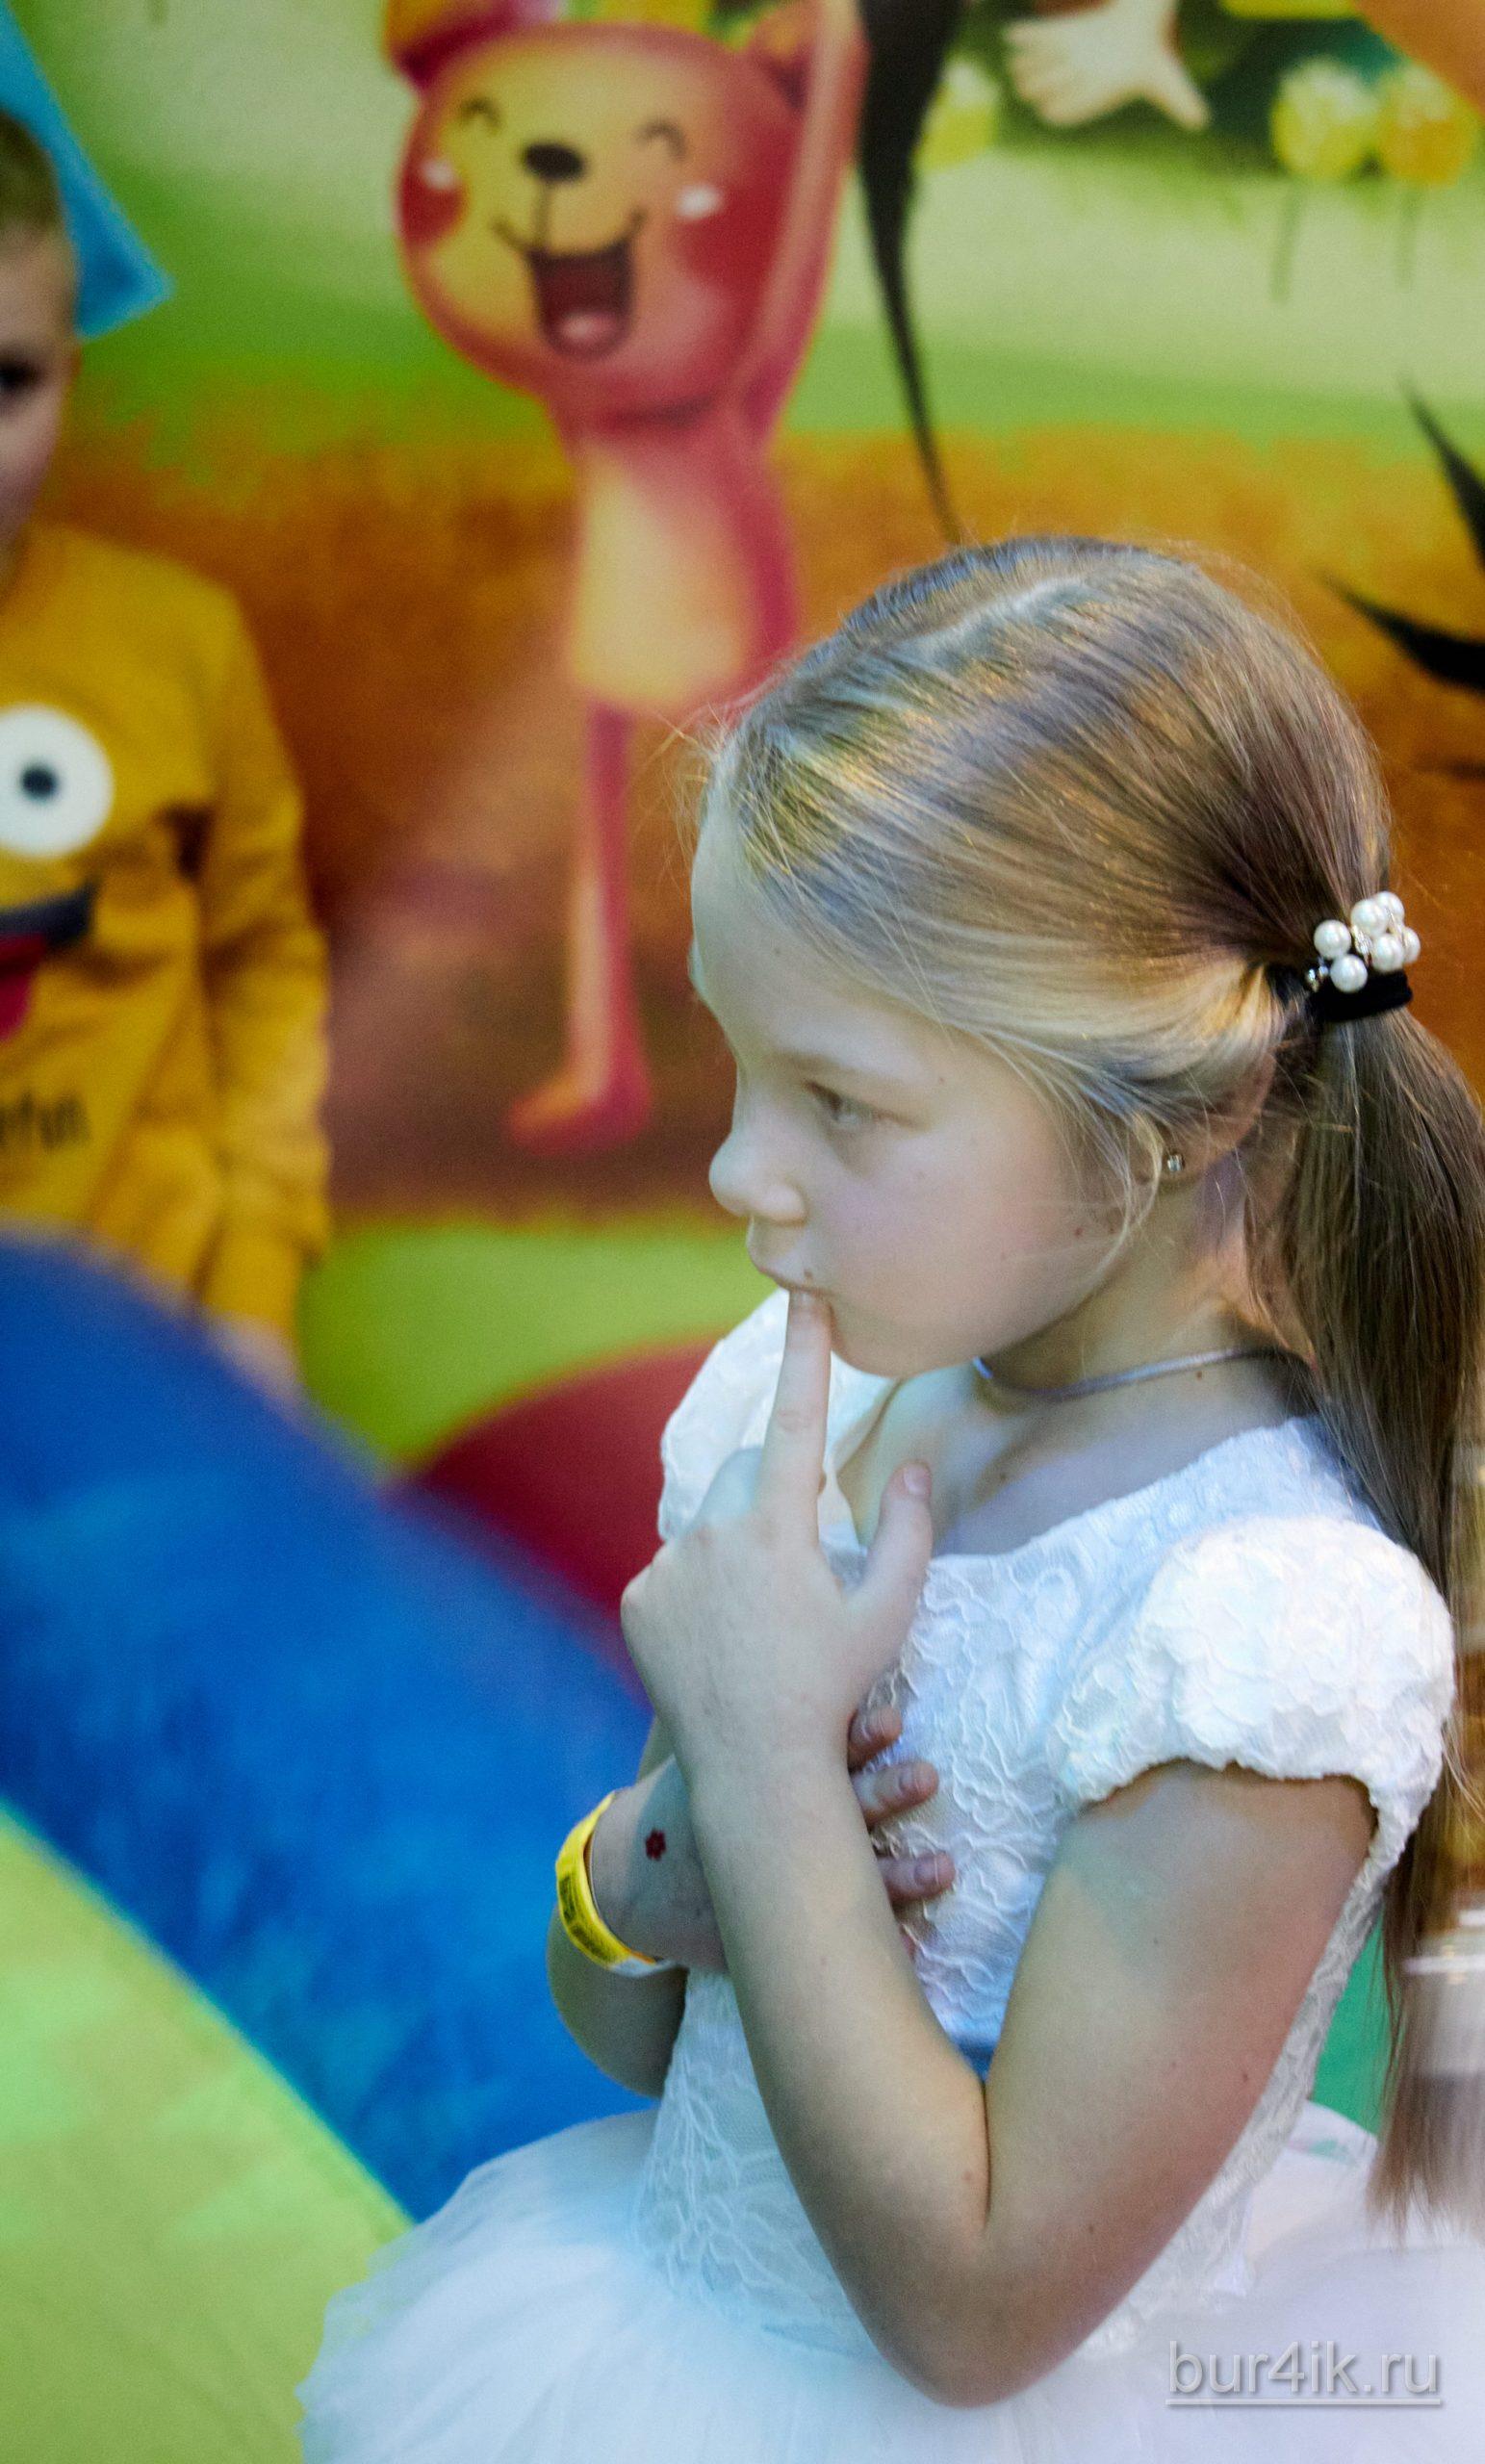 Фото Детское День Рождения в Детский Дворик 15.01.2020 №218 -photo- bur4ik.ru